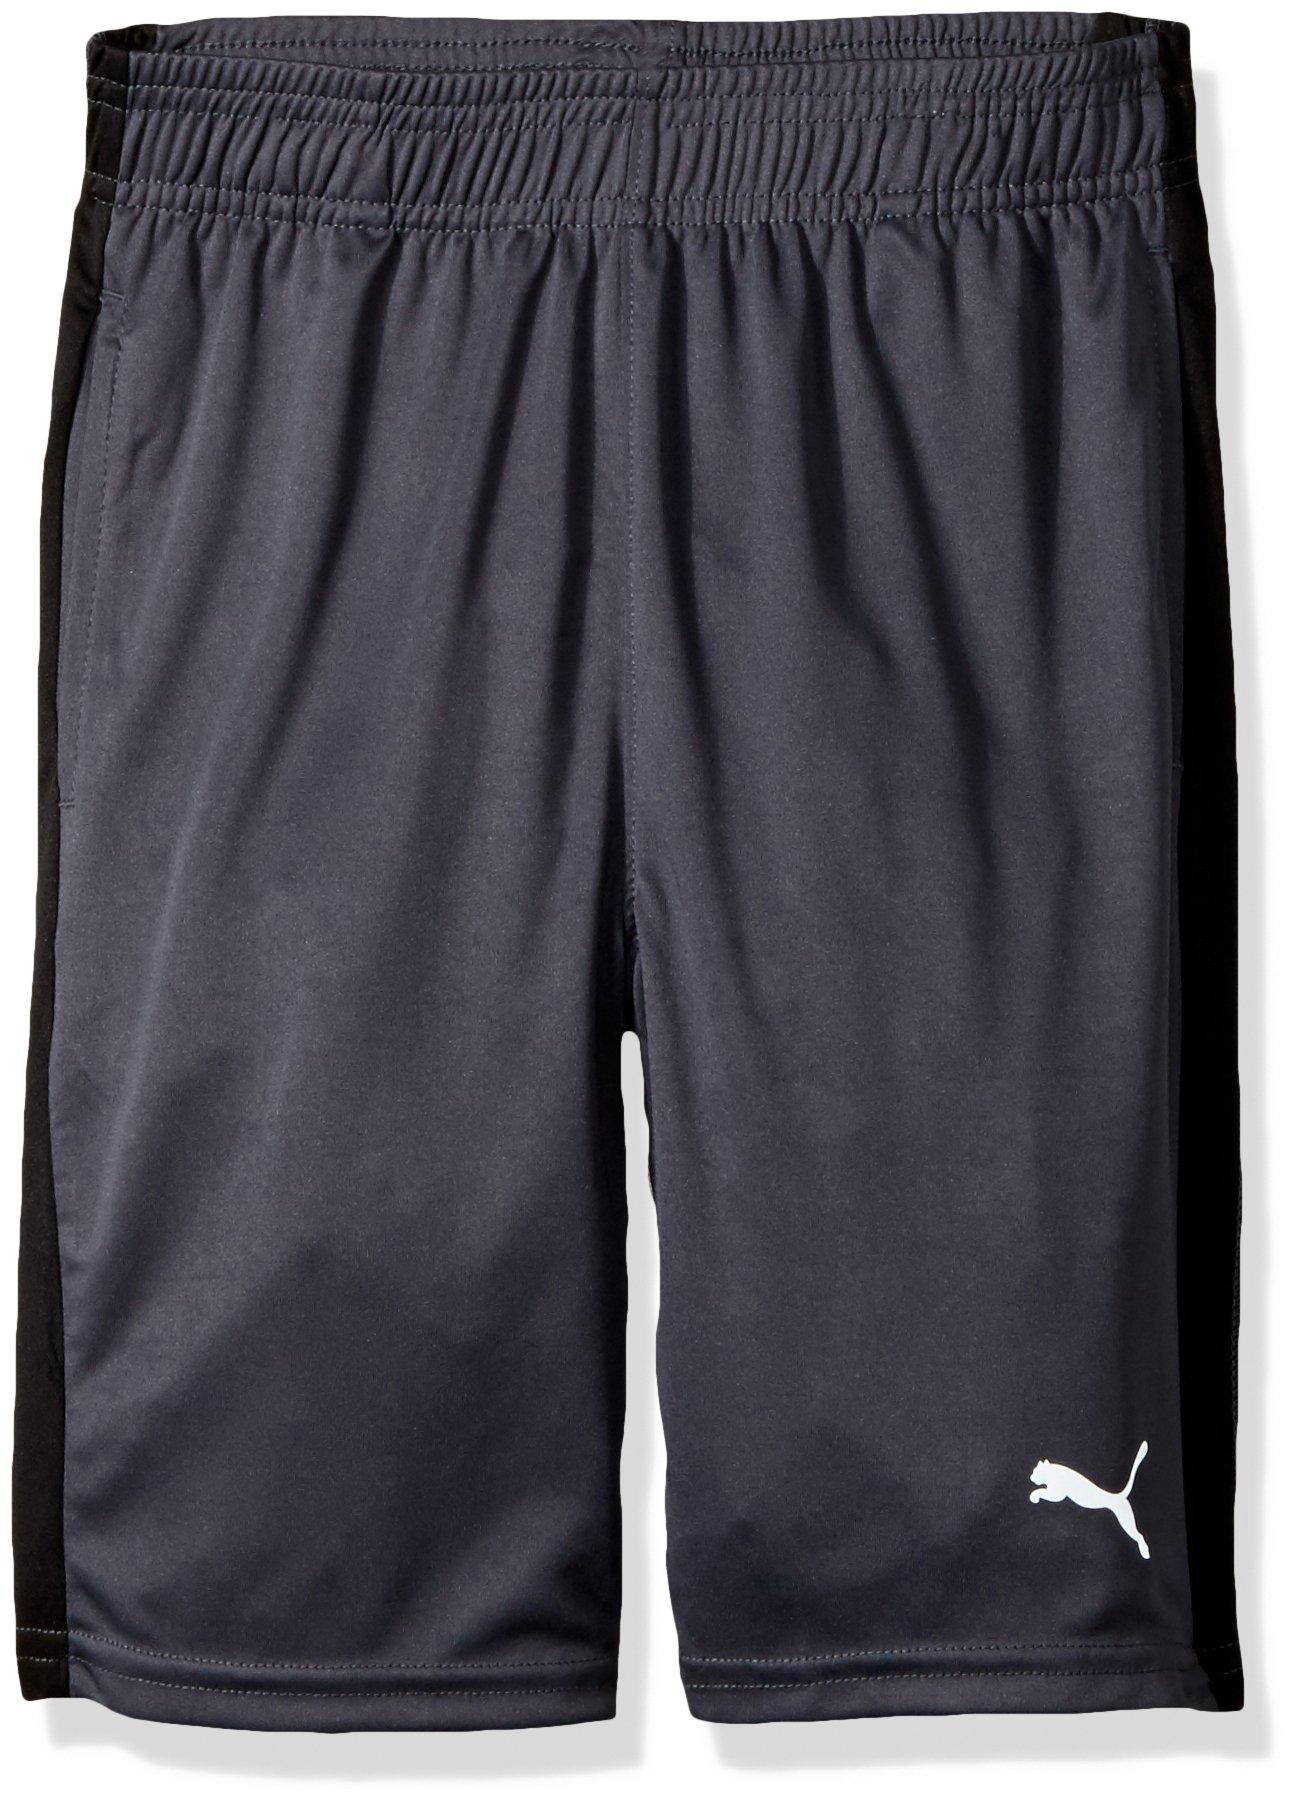 PUMA Big Boy's Puma Boys' Form Stripe Short Shorts, coal, Extra Large by PUMA